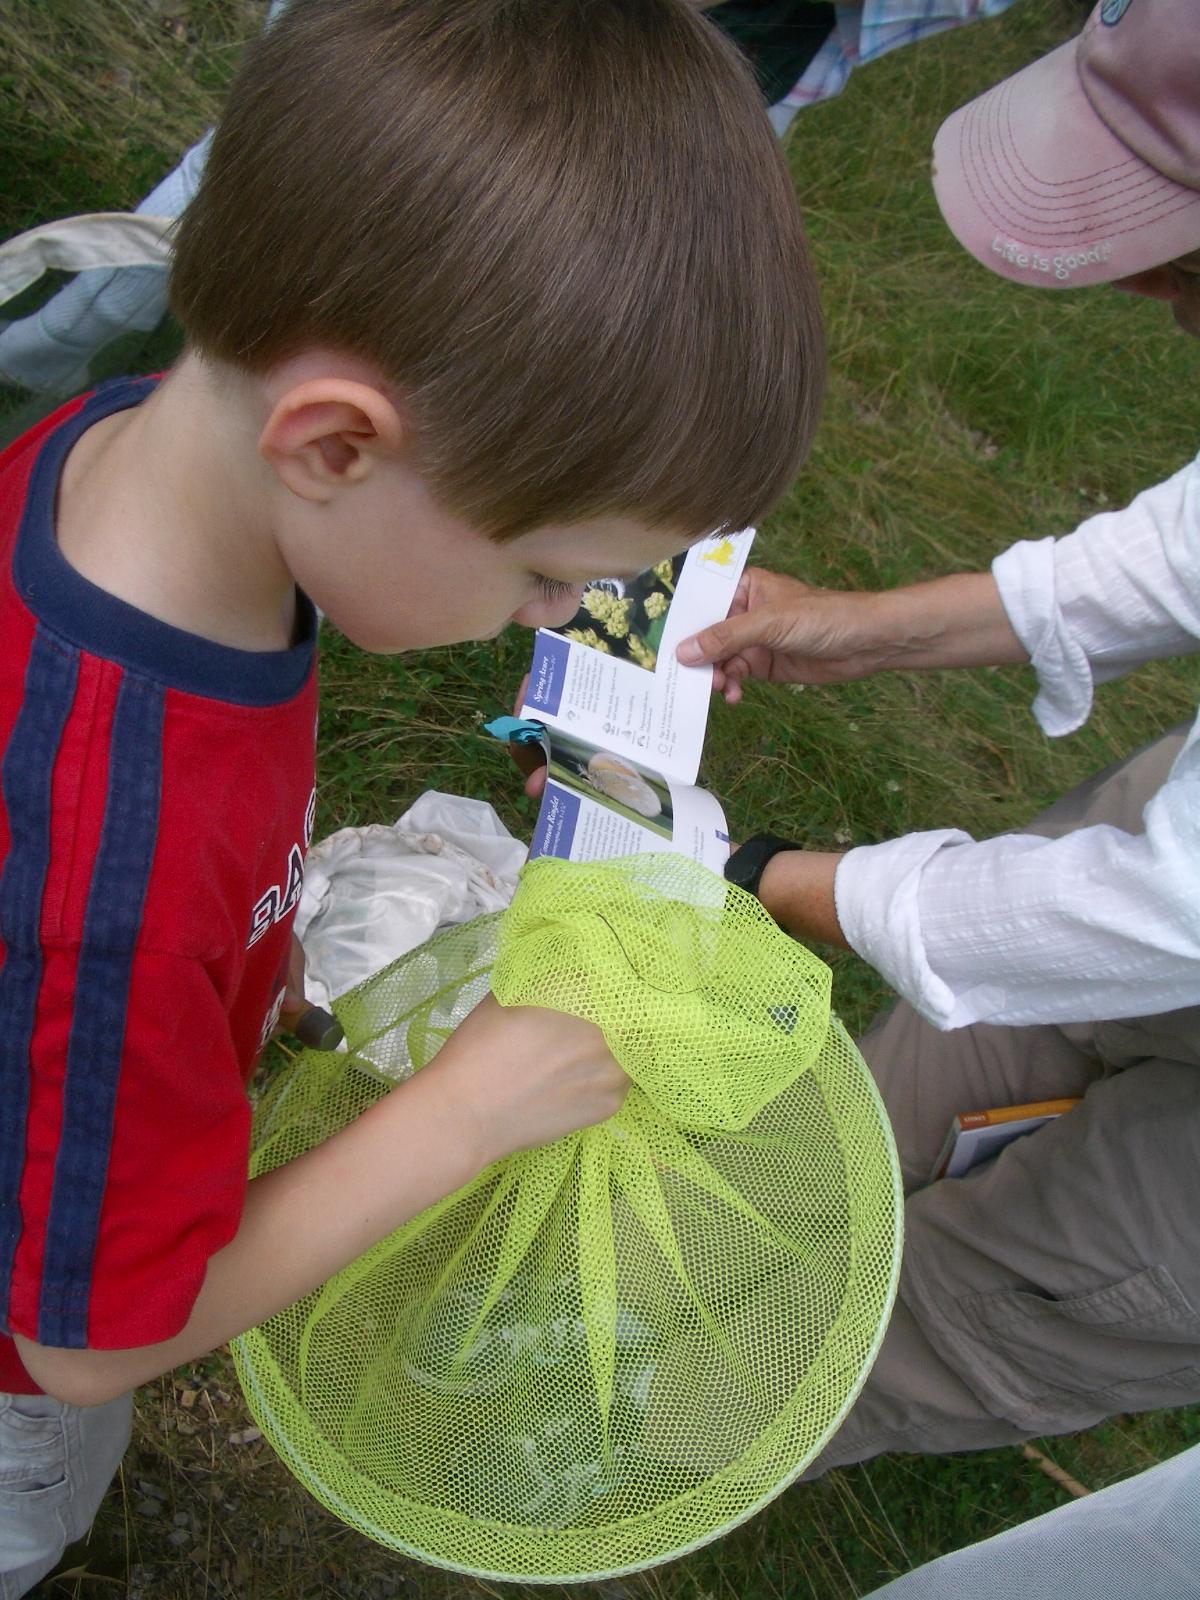 Small boy views an azure in a butterfly net